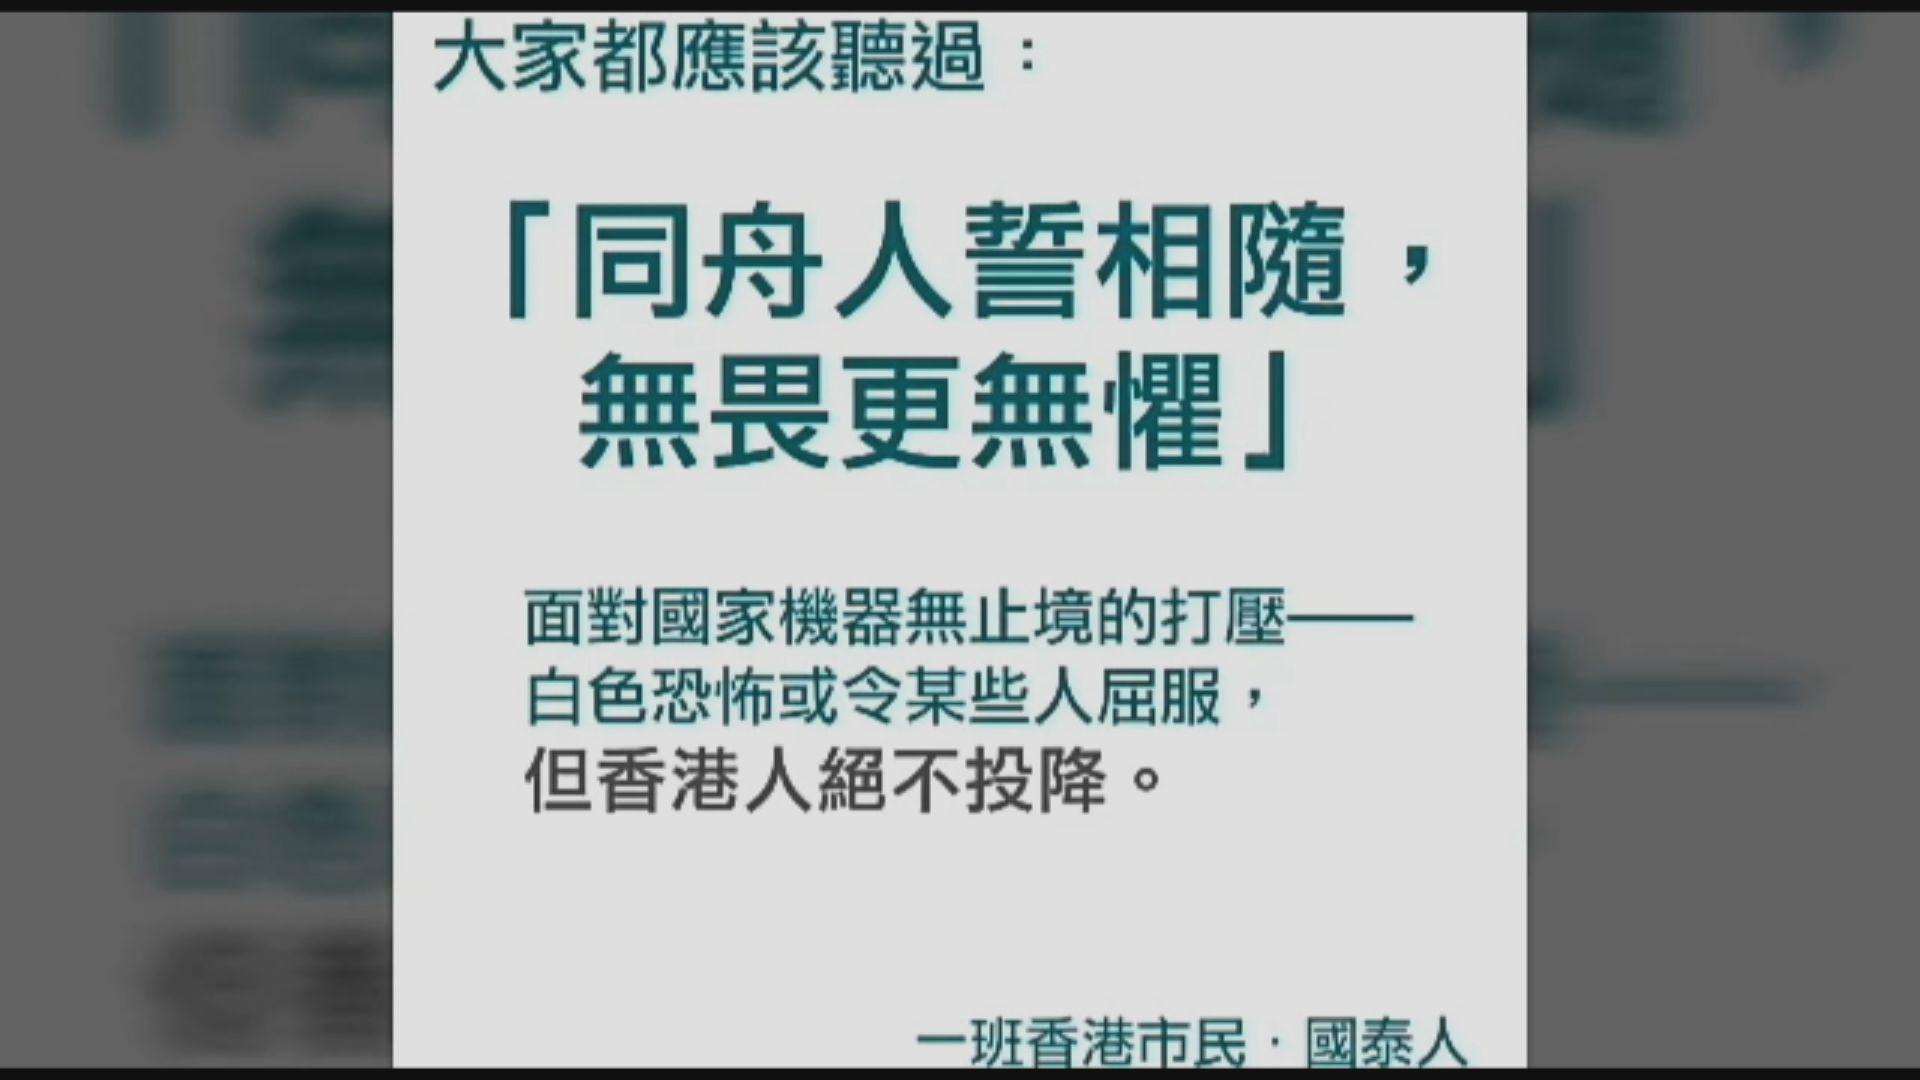 網上有自稱員工致港人公開信 國泰高度重視調查